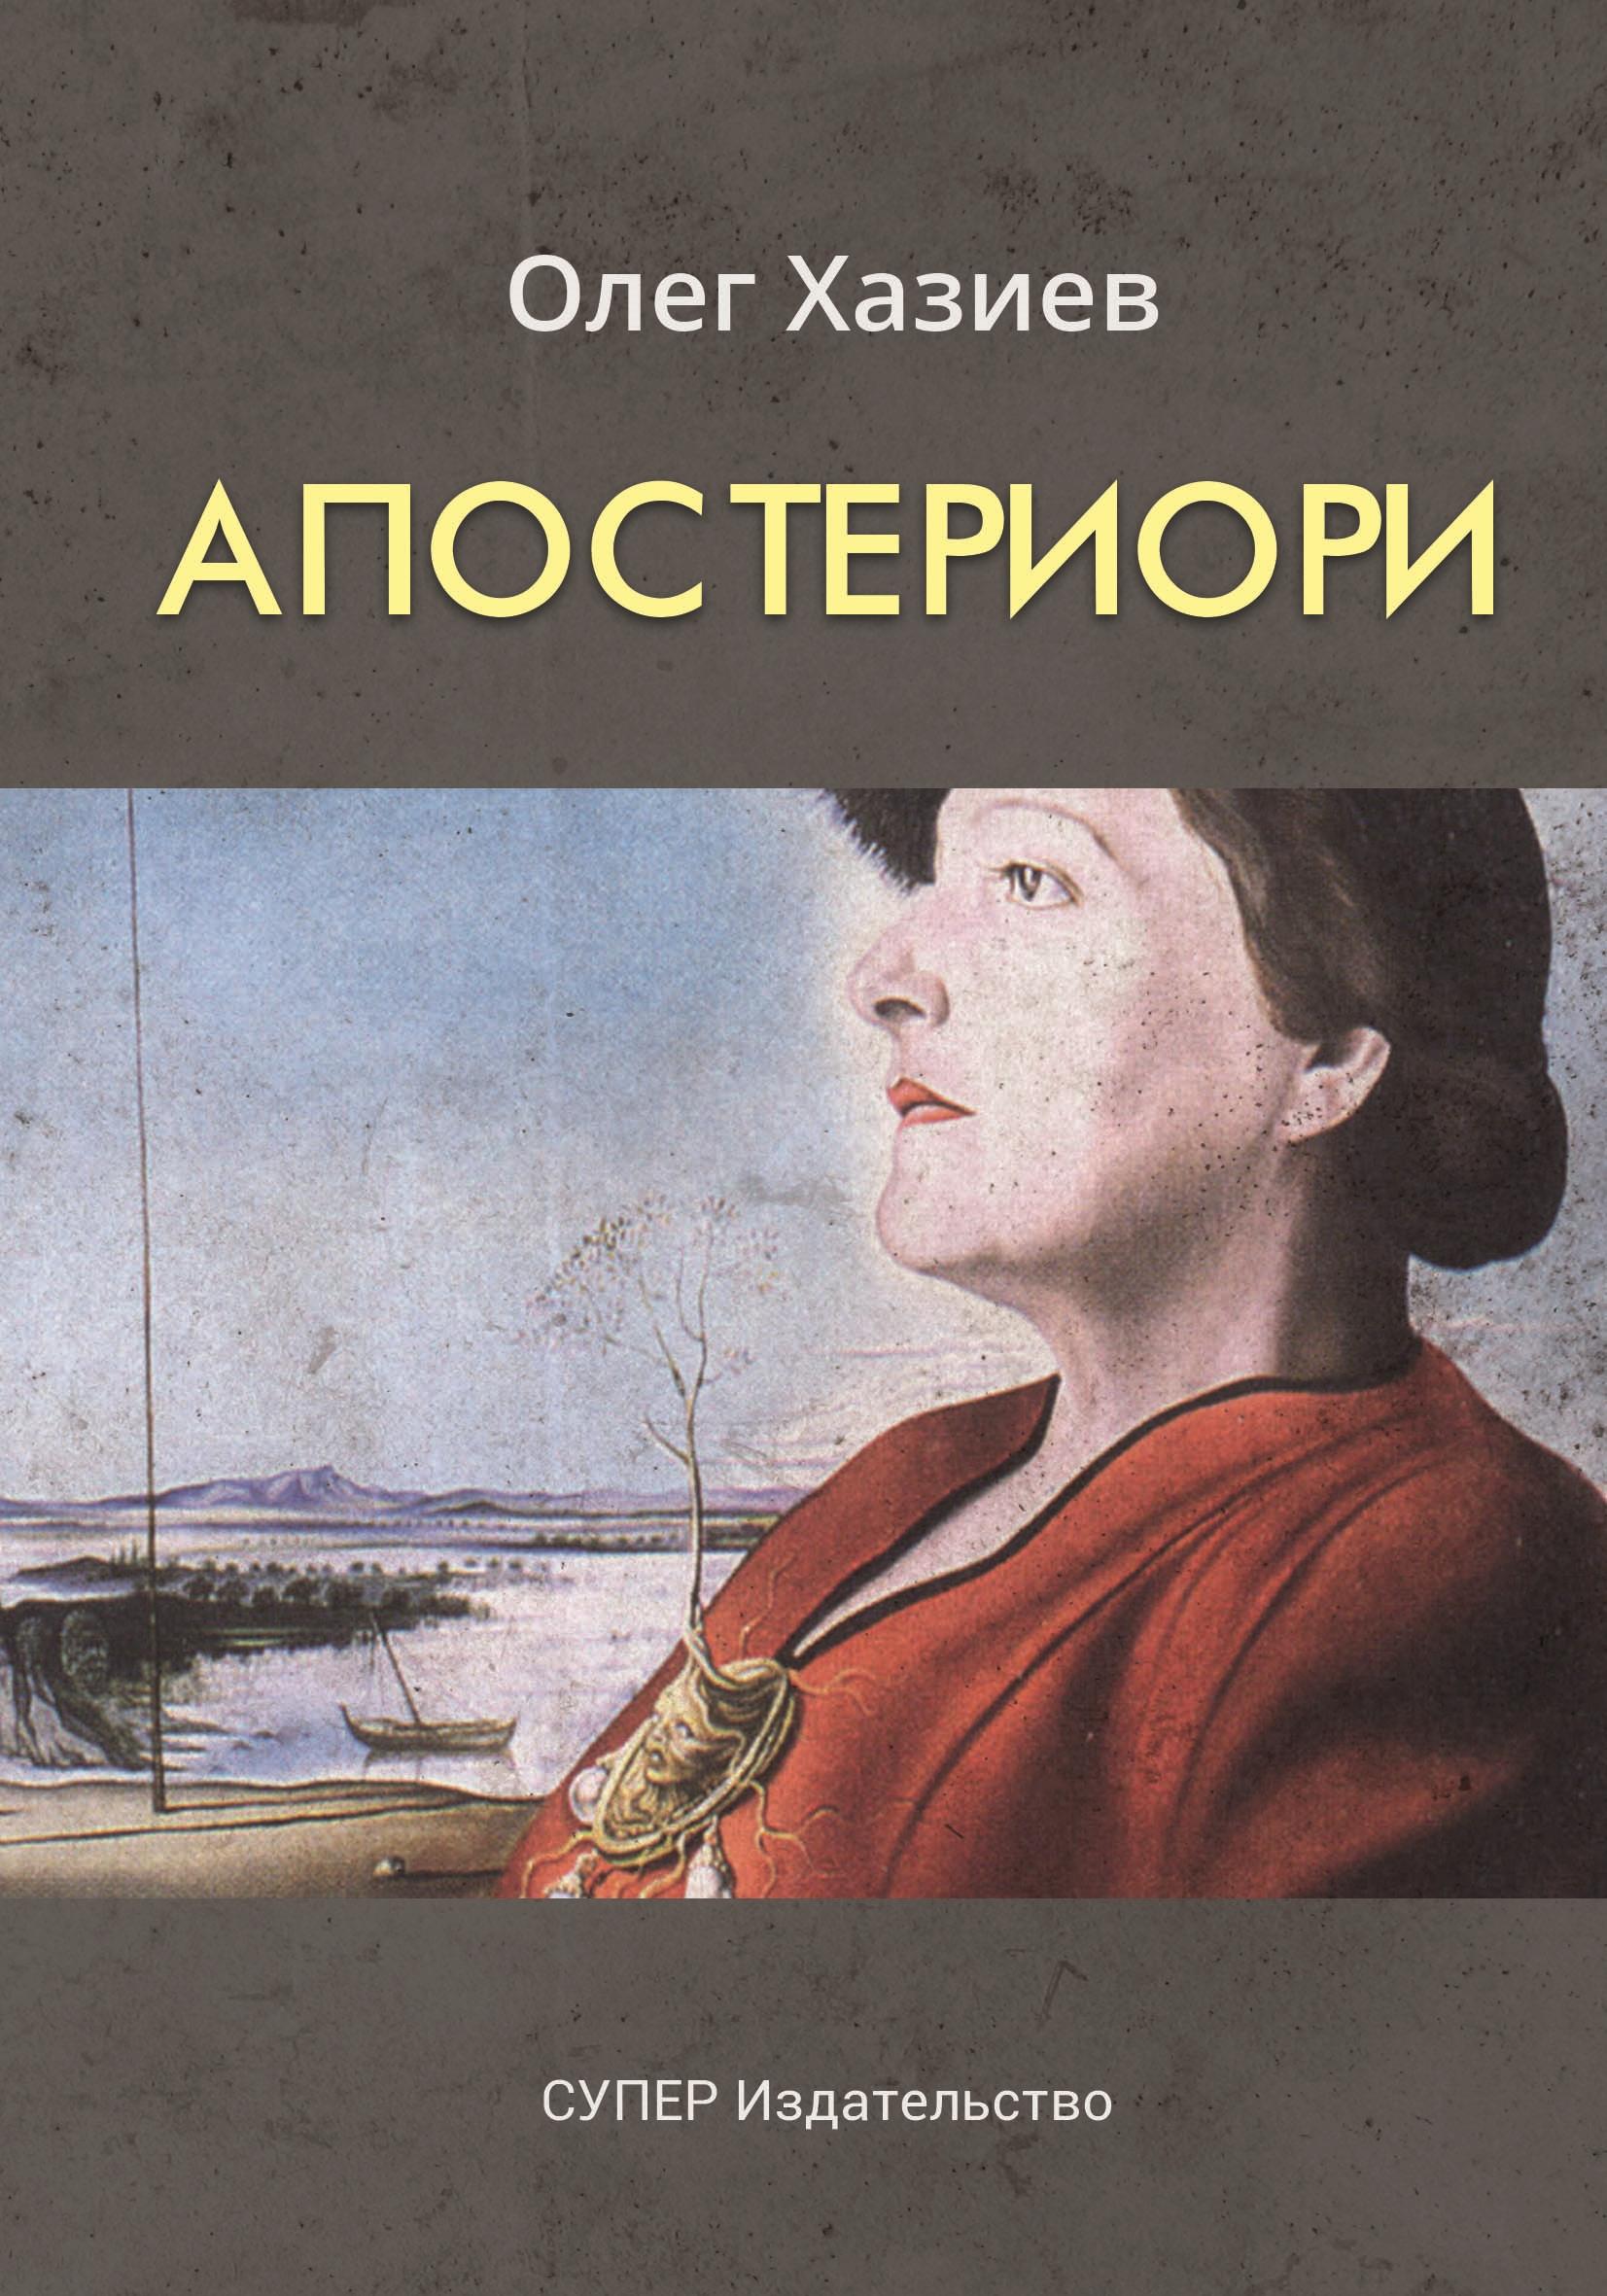 Апостериори (сборник)